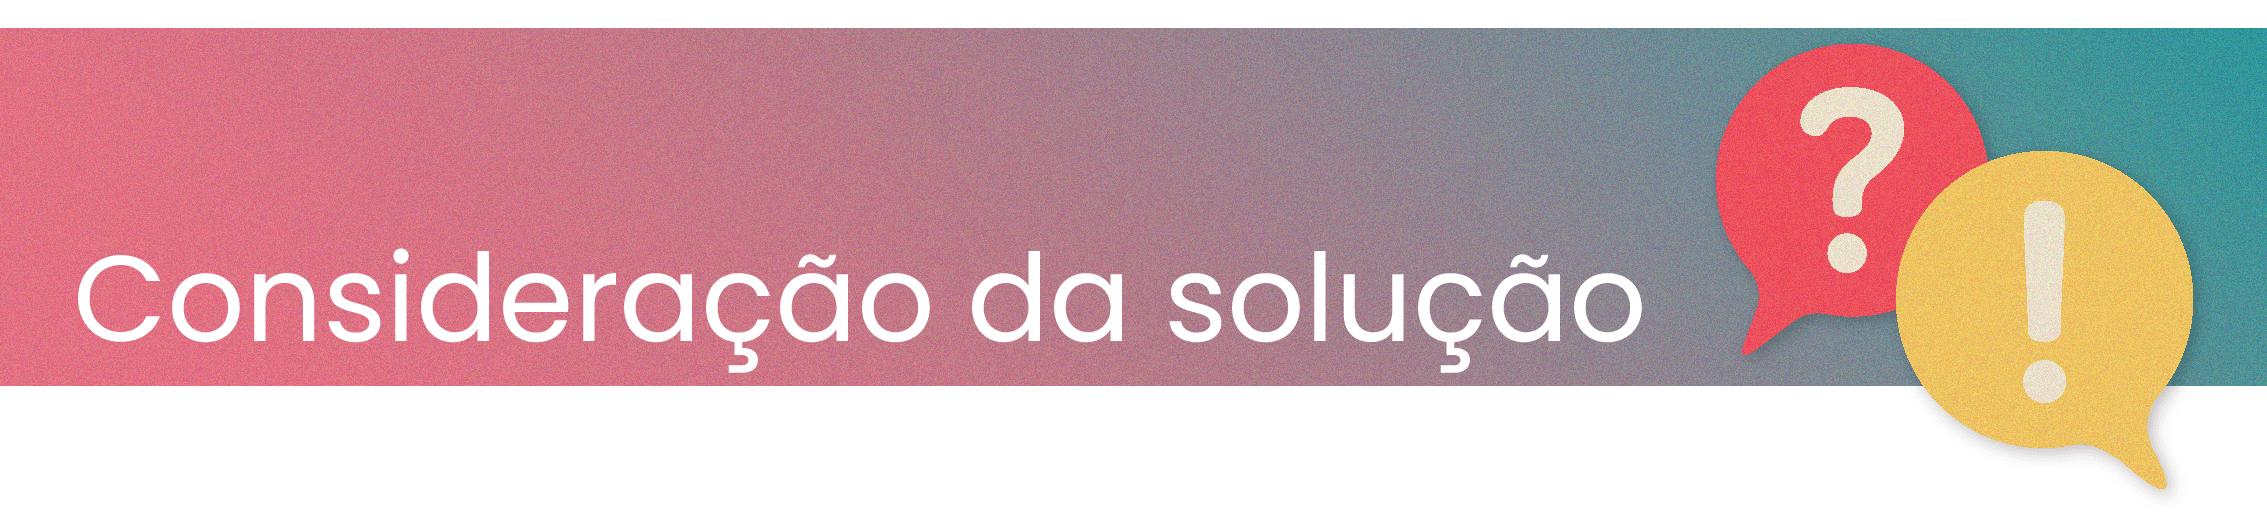 Consideração da solução - Rubeus